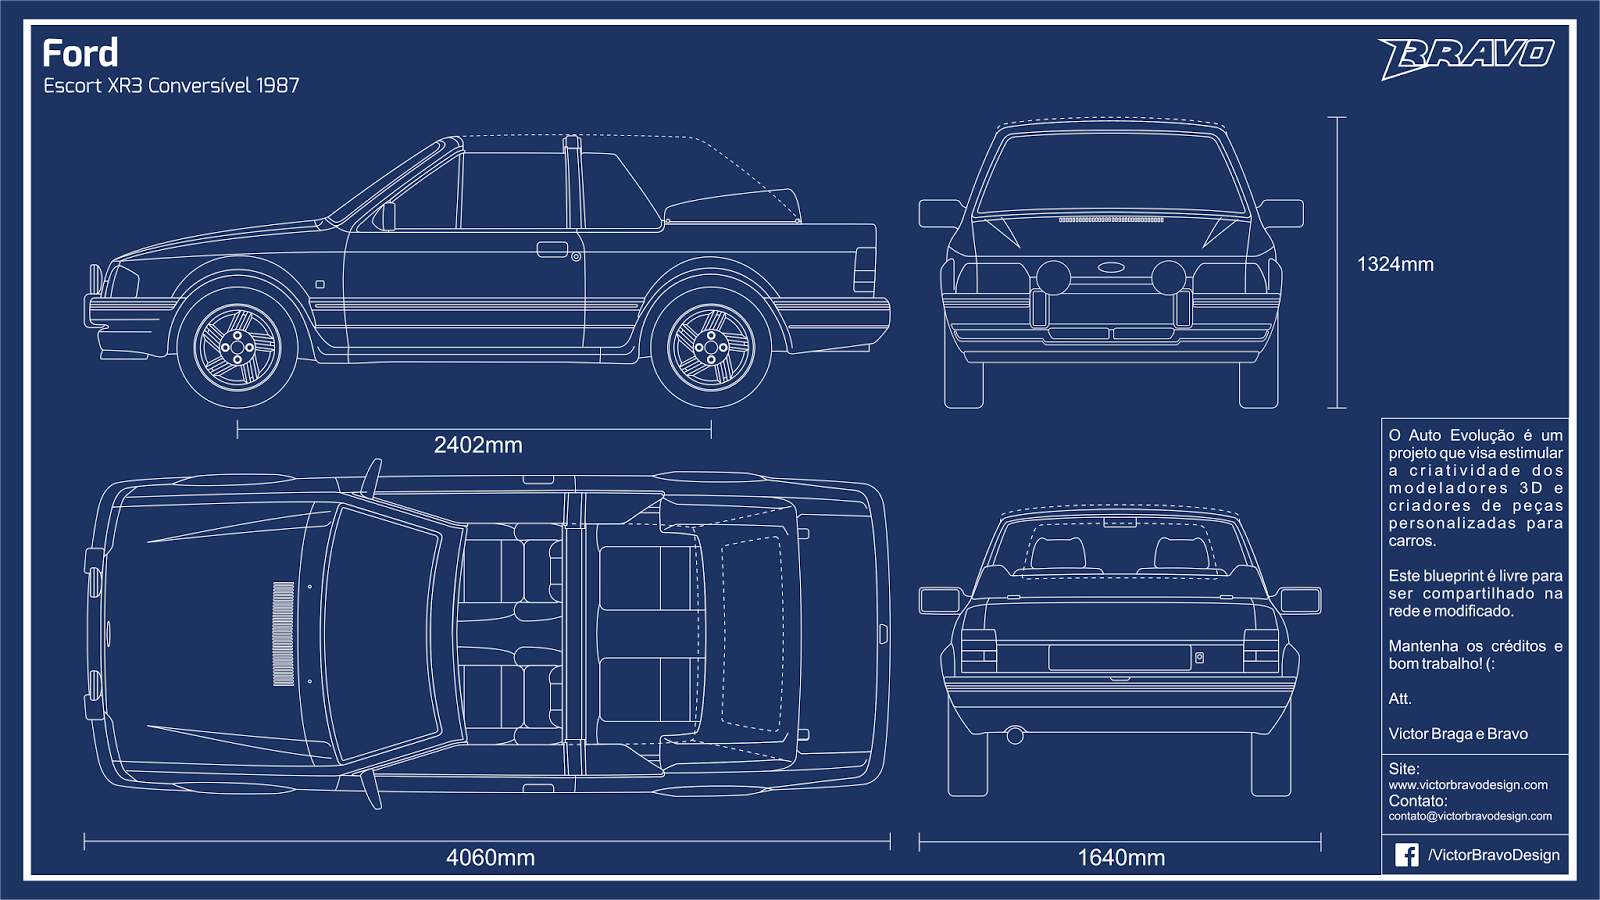 Imagem do blueprint do Ford Escort XR3 Conversível 1987